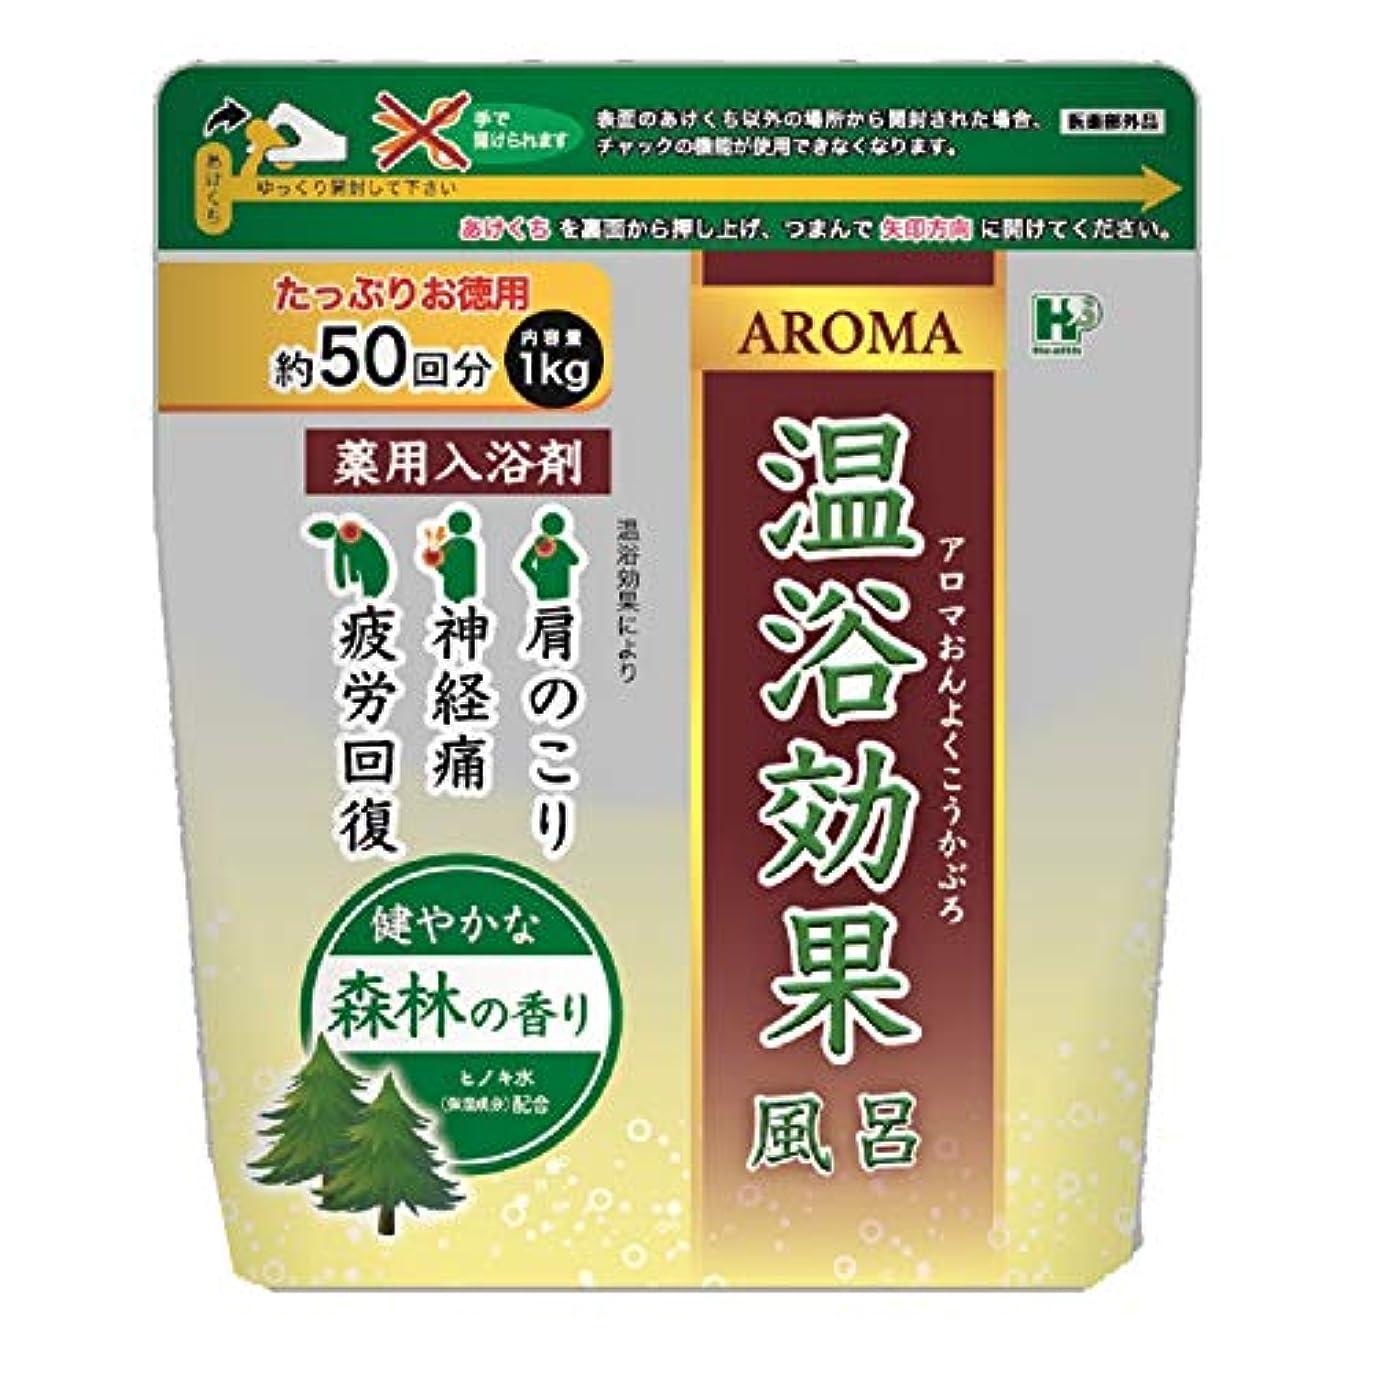 泣いている層単なるアロマ温浴効果風呂 森林 1kg